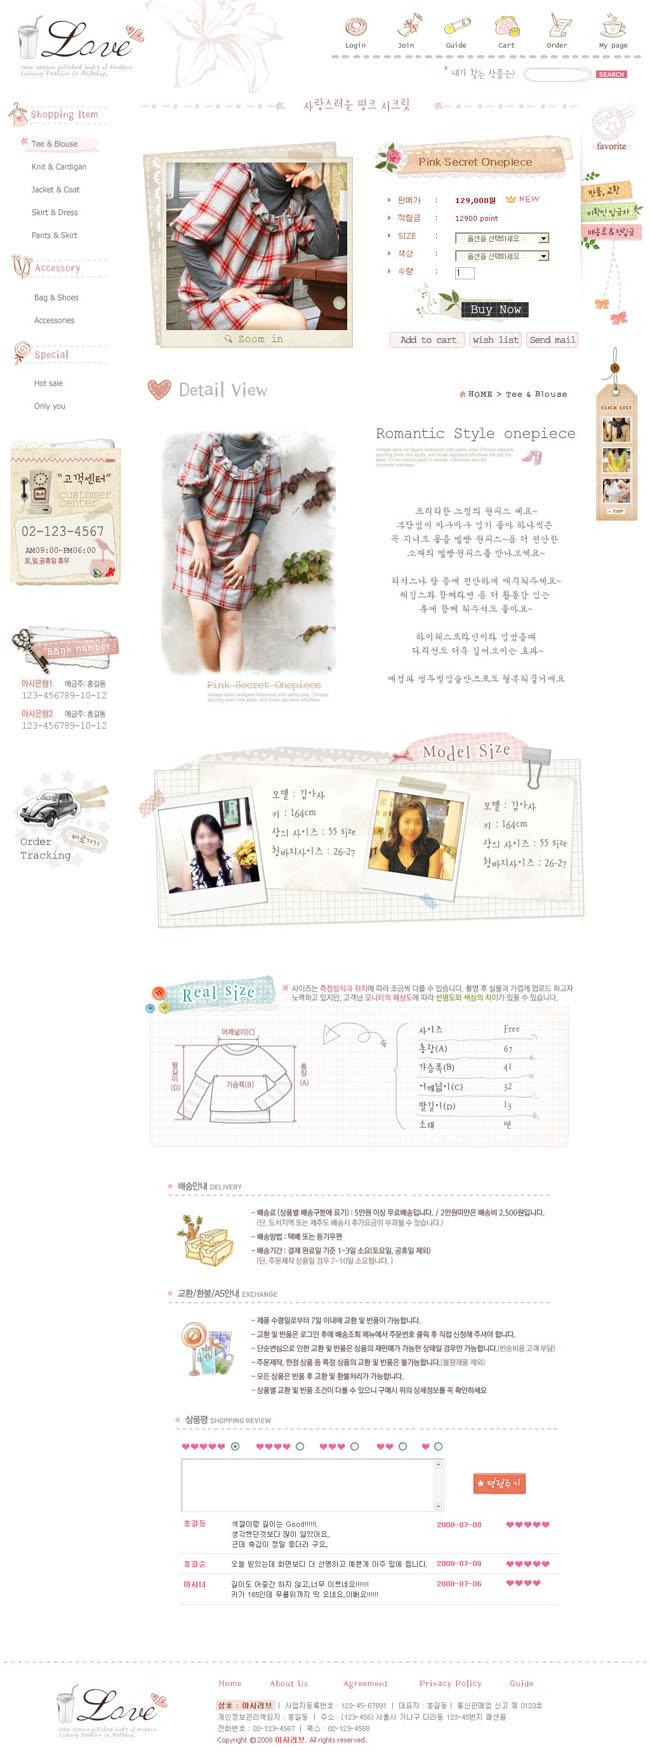 创意设计照片网页设计模板